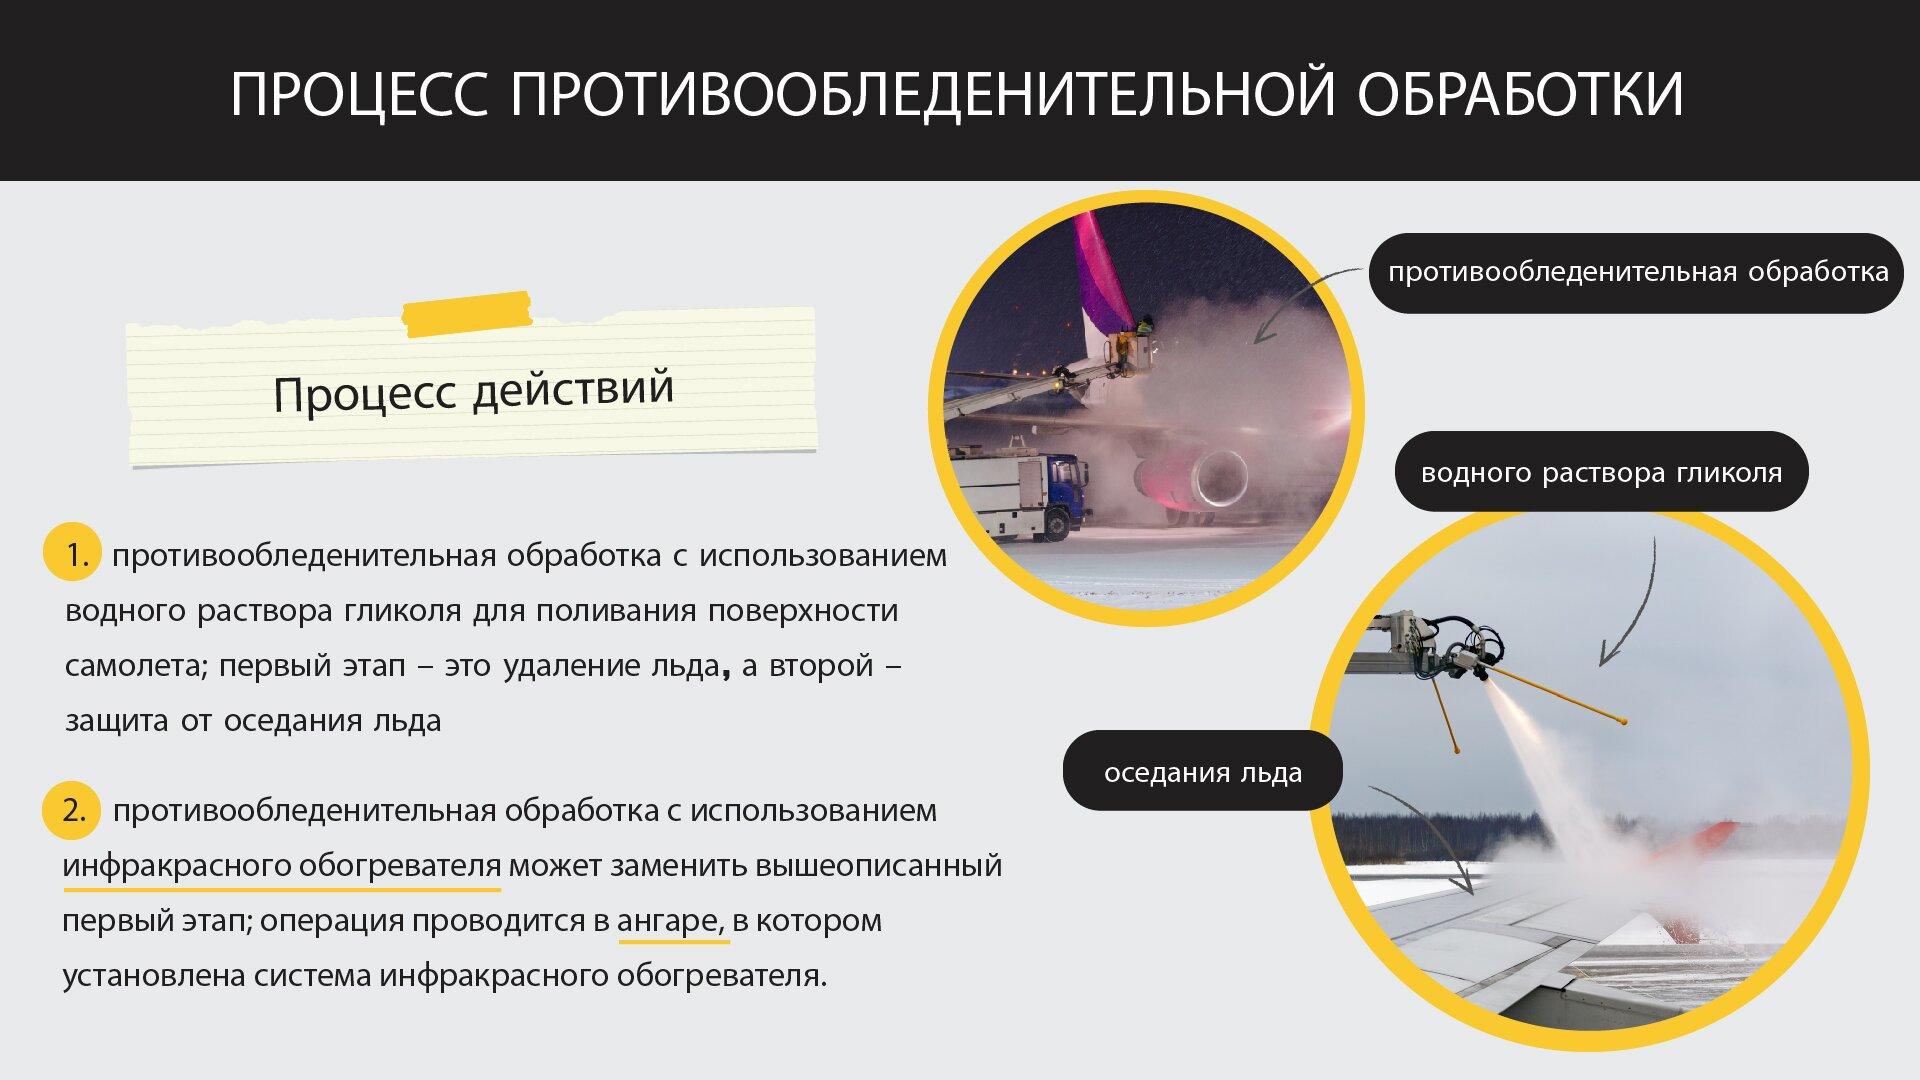 На изображении представлен процесс противообледенительной обработки самолета в аэропорту. Grafika przedstawia proces odladzania samolotu na lotnisku.